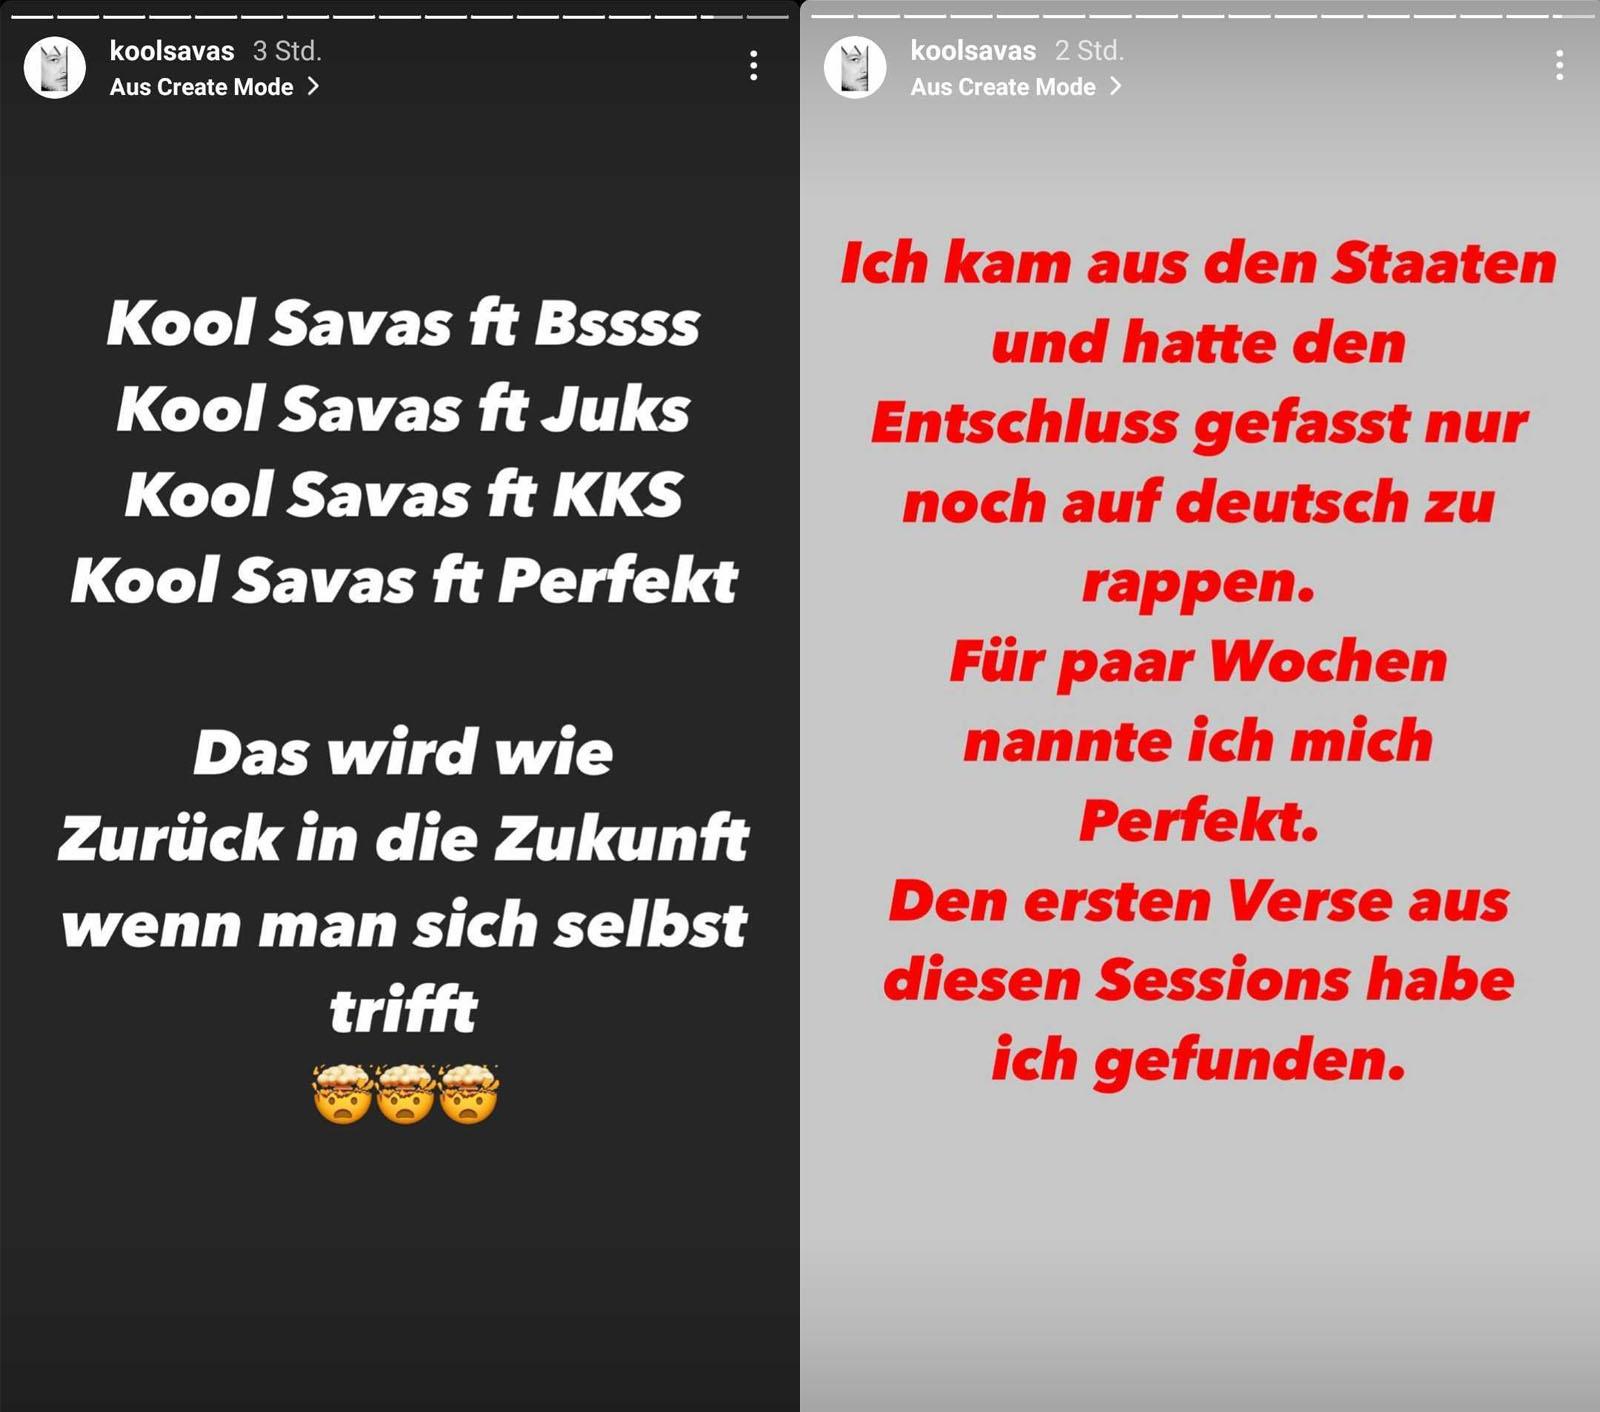 Kool Savas über seine früheren Künstlernamen